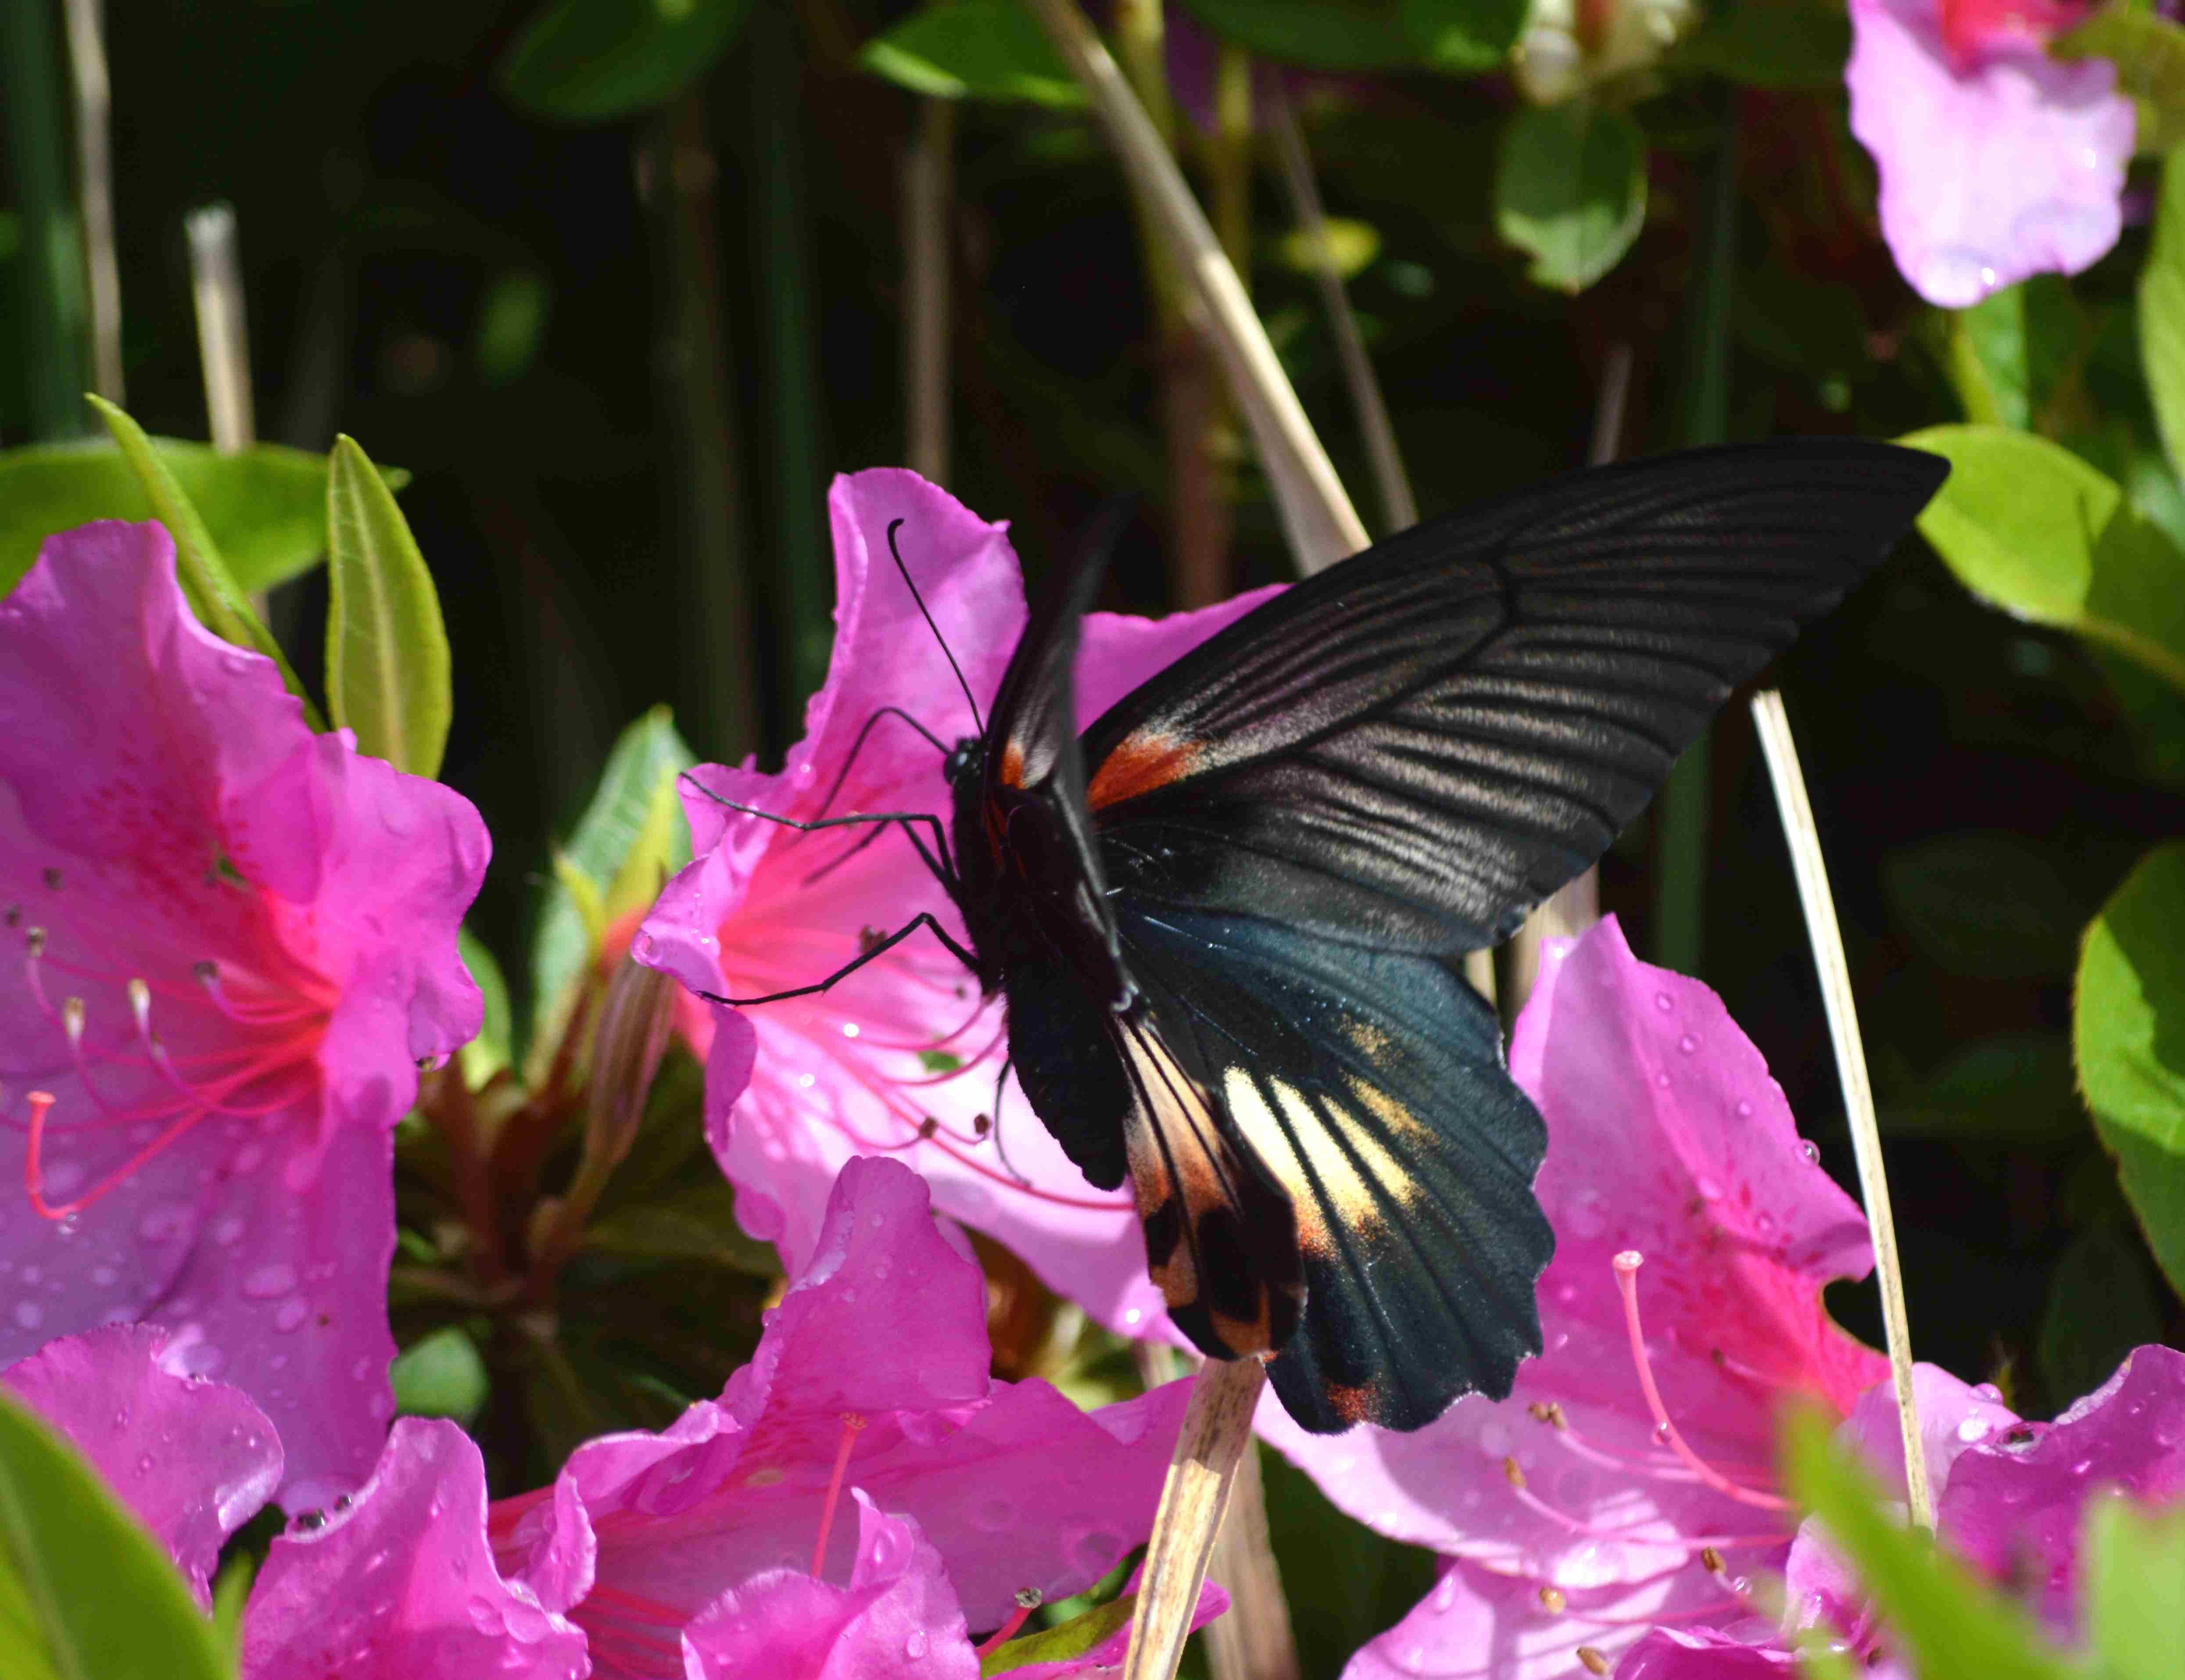 ナガサキアゲハ 5月2日ツツジの咲く公園にて_d0254540_1710960.jpg